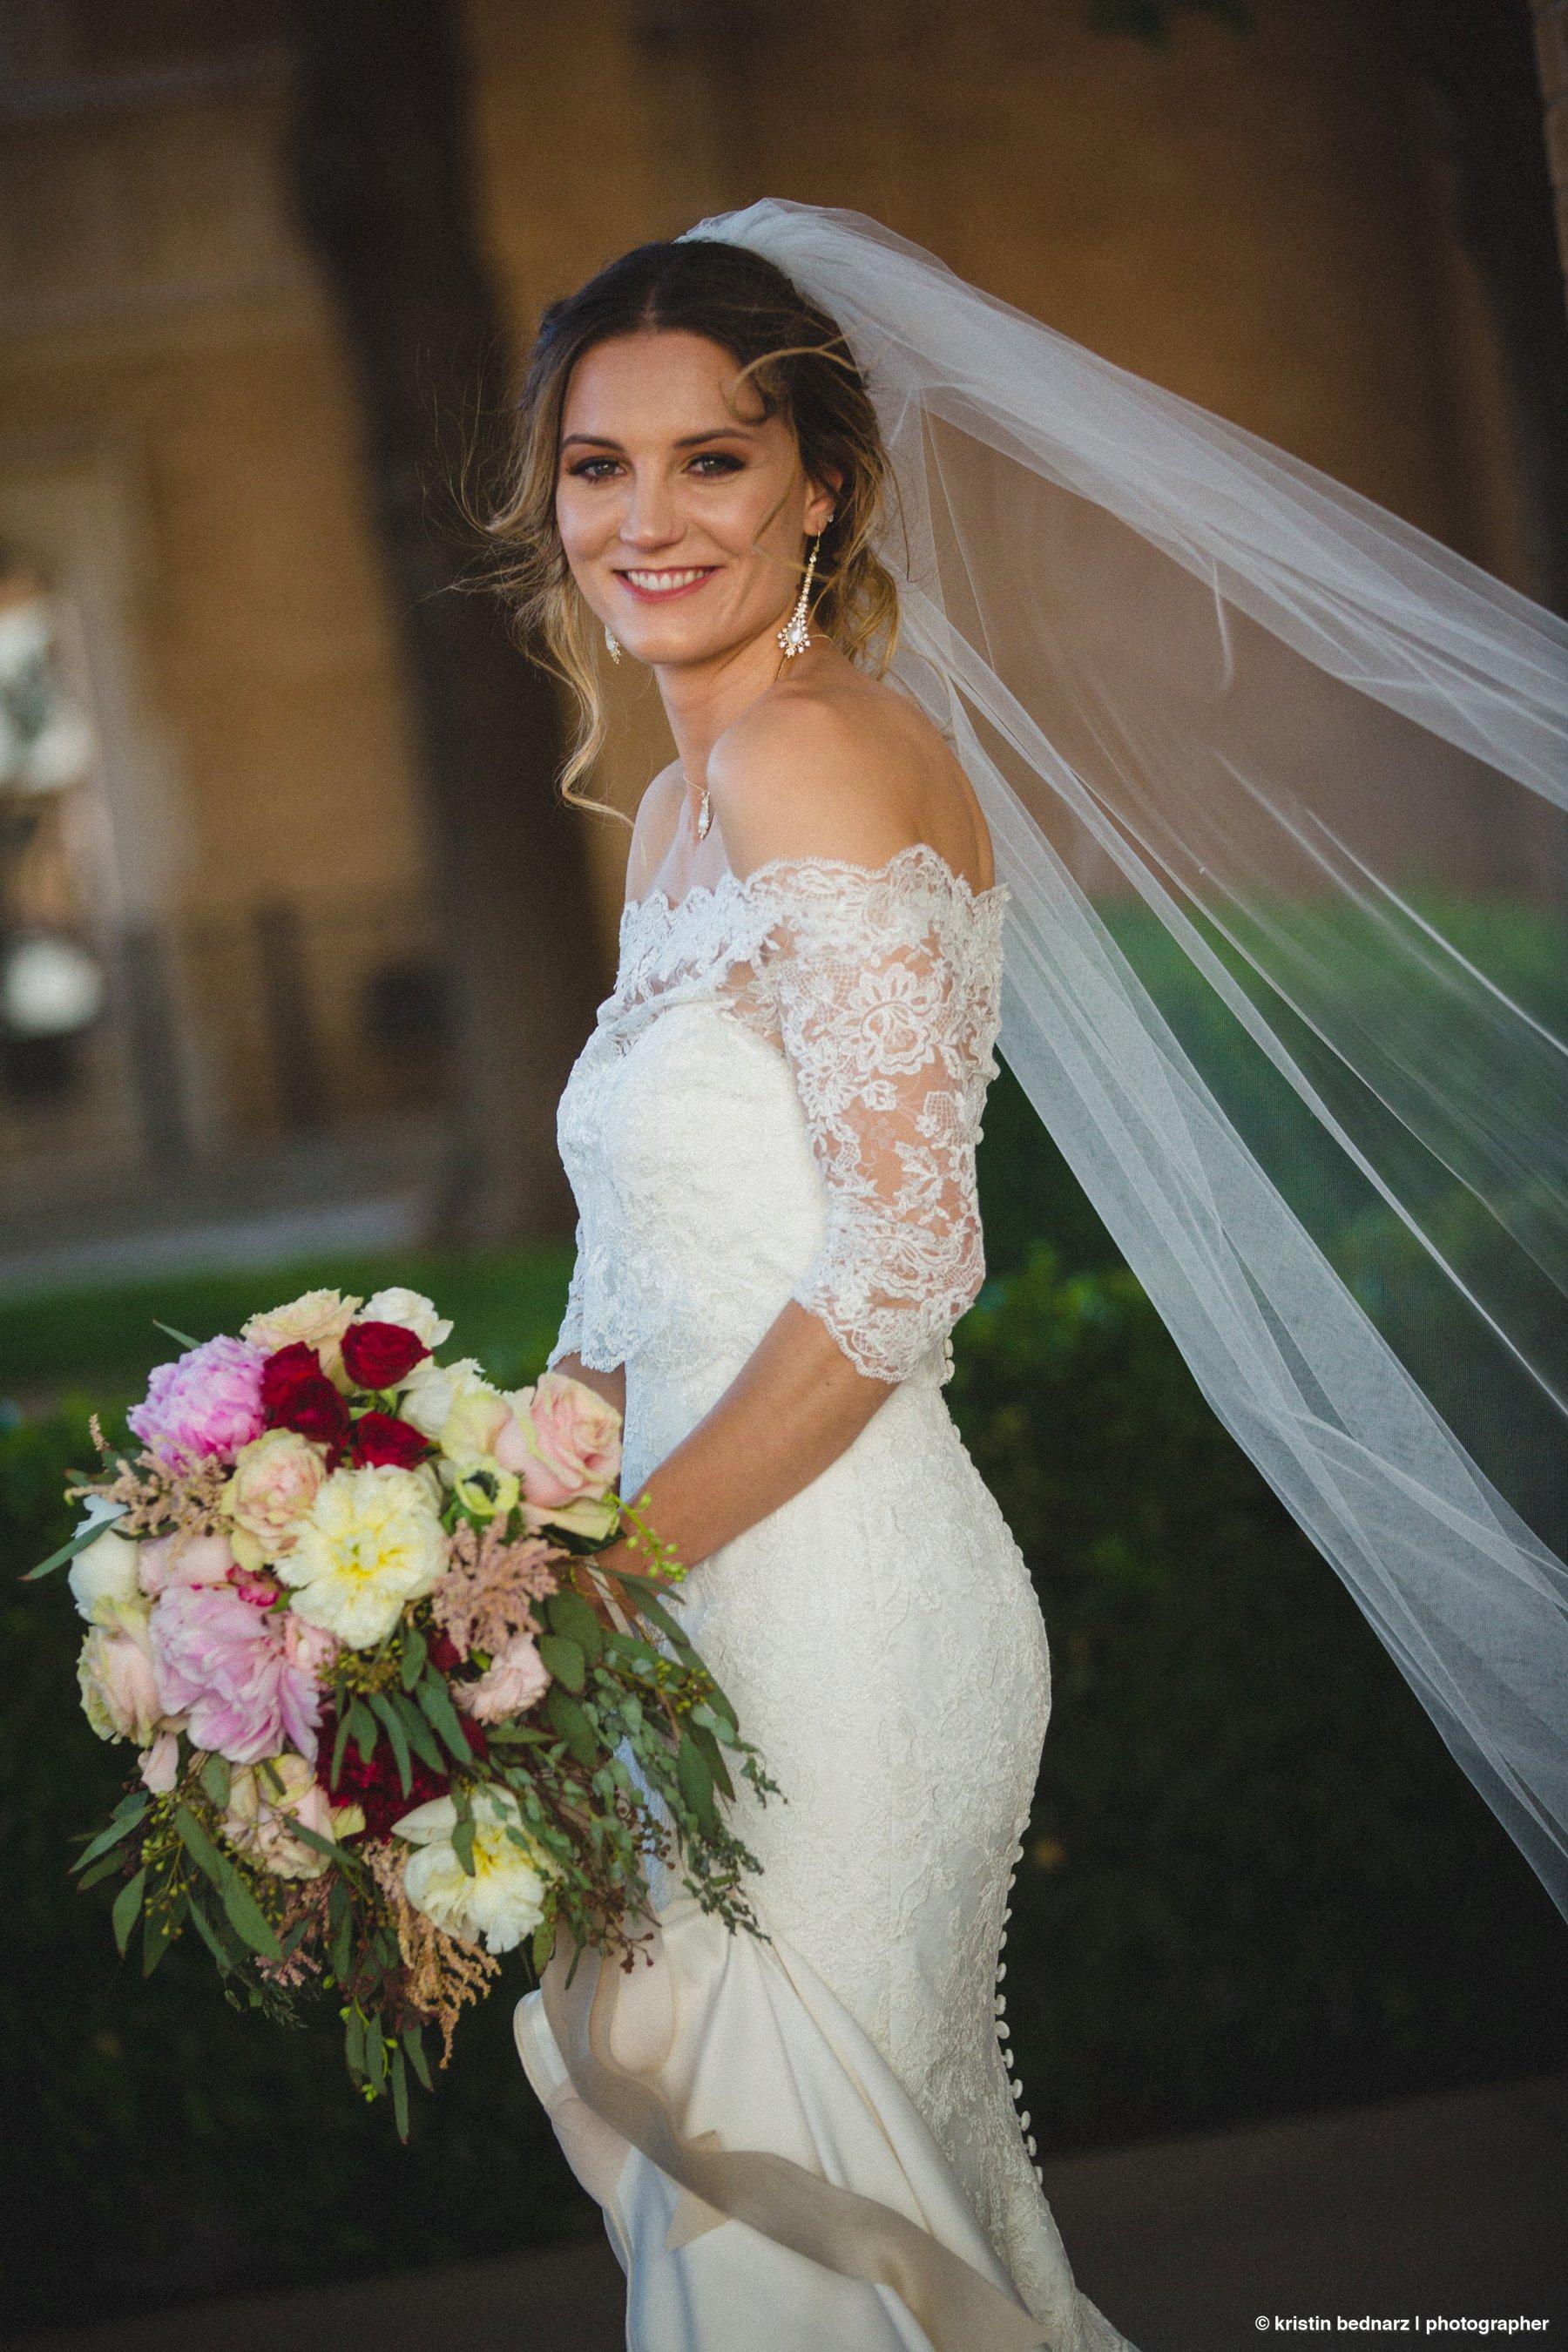 Krisitin_Bednarz_Lubbock_Wedding_Photographer_20180602_0052.JPG